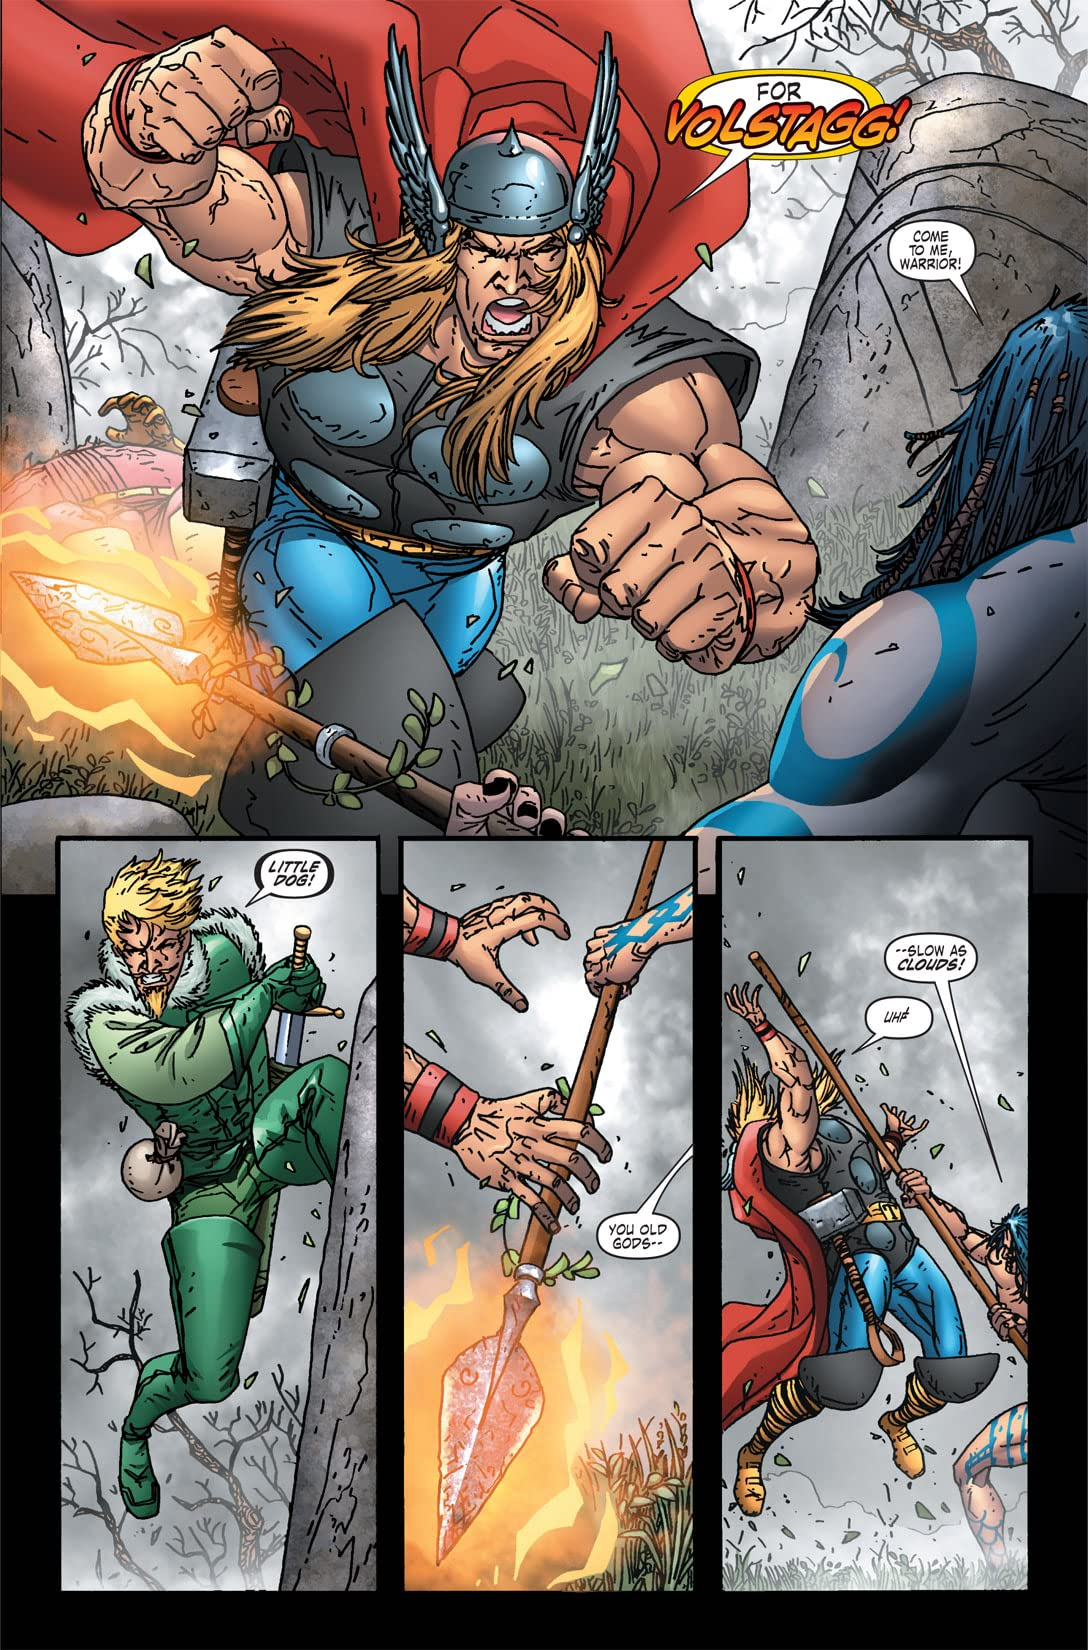 Thor: Blood Oath #5